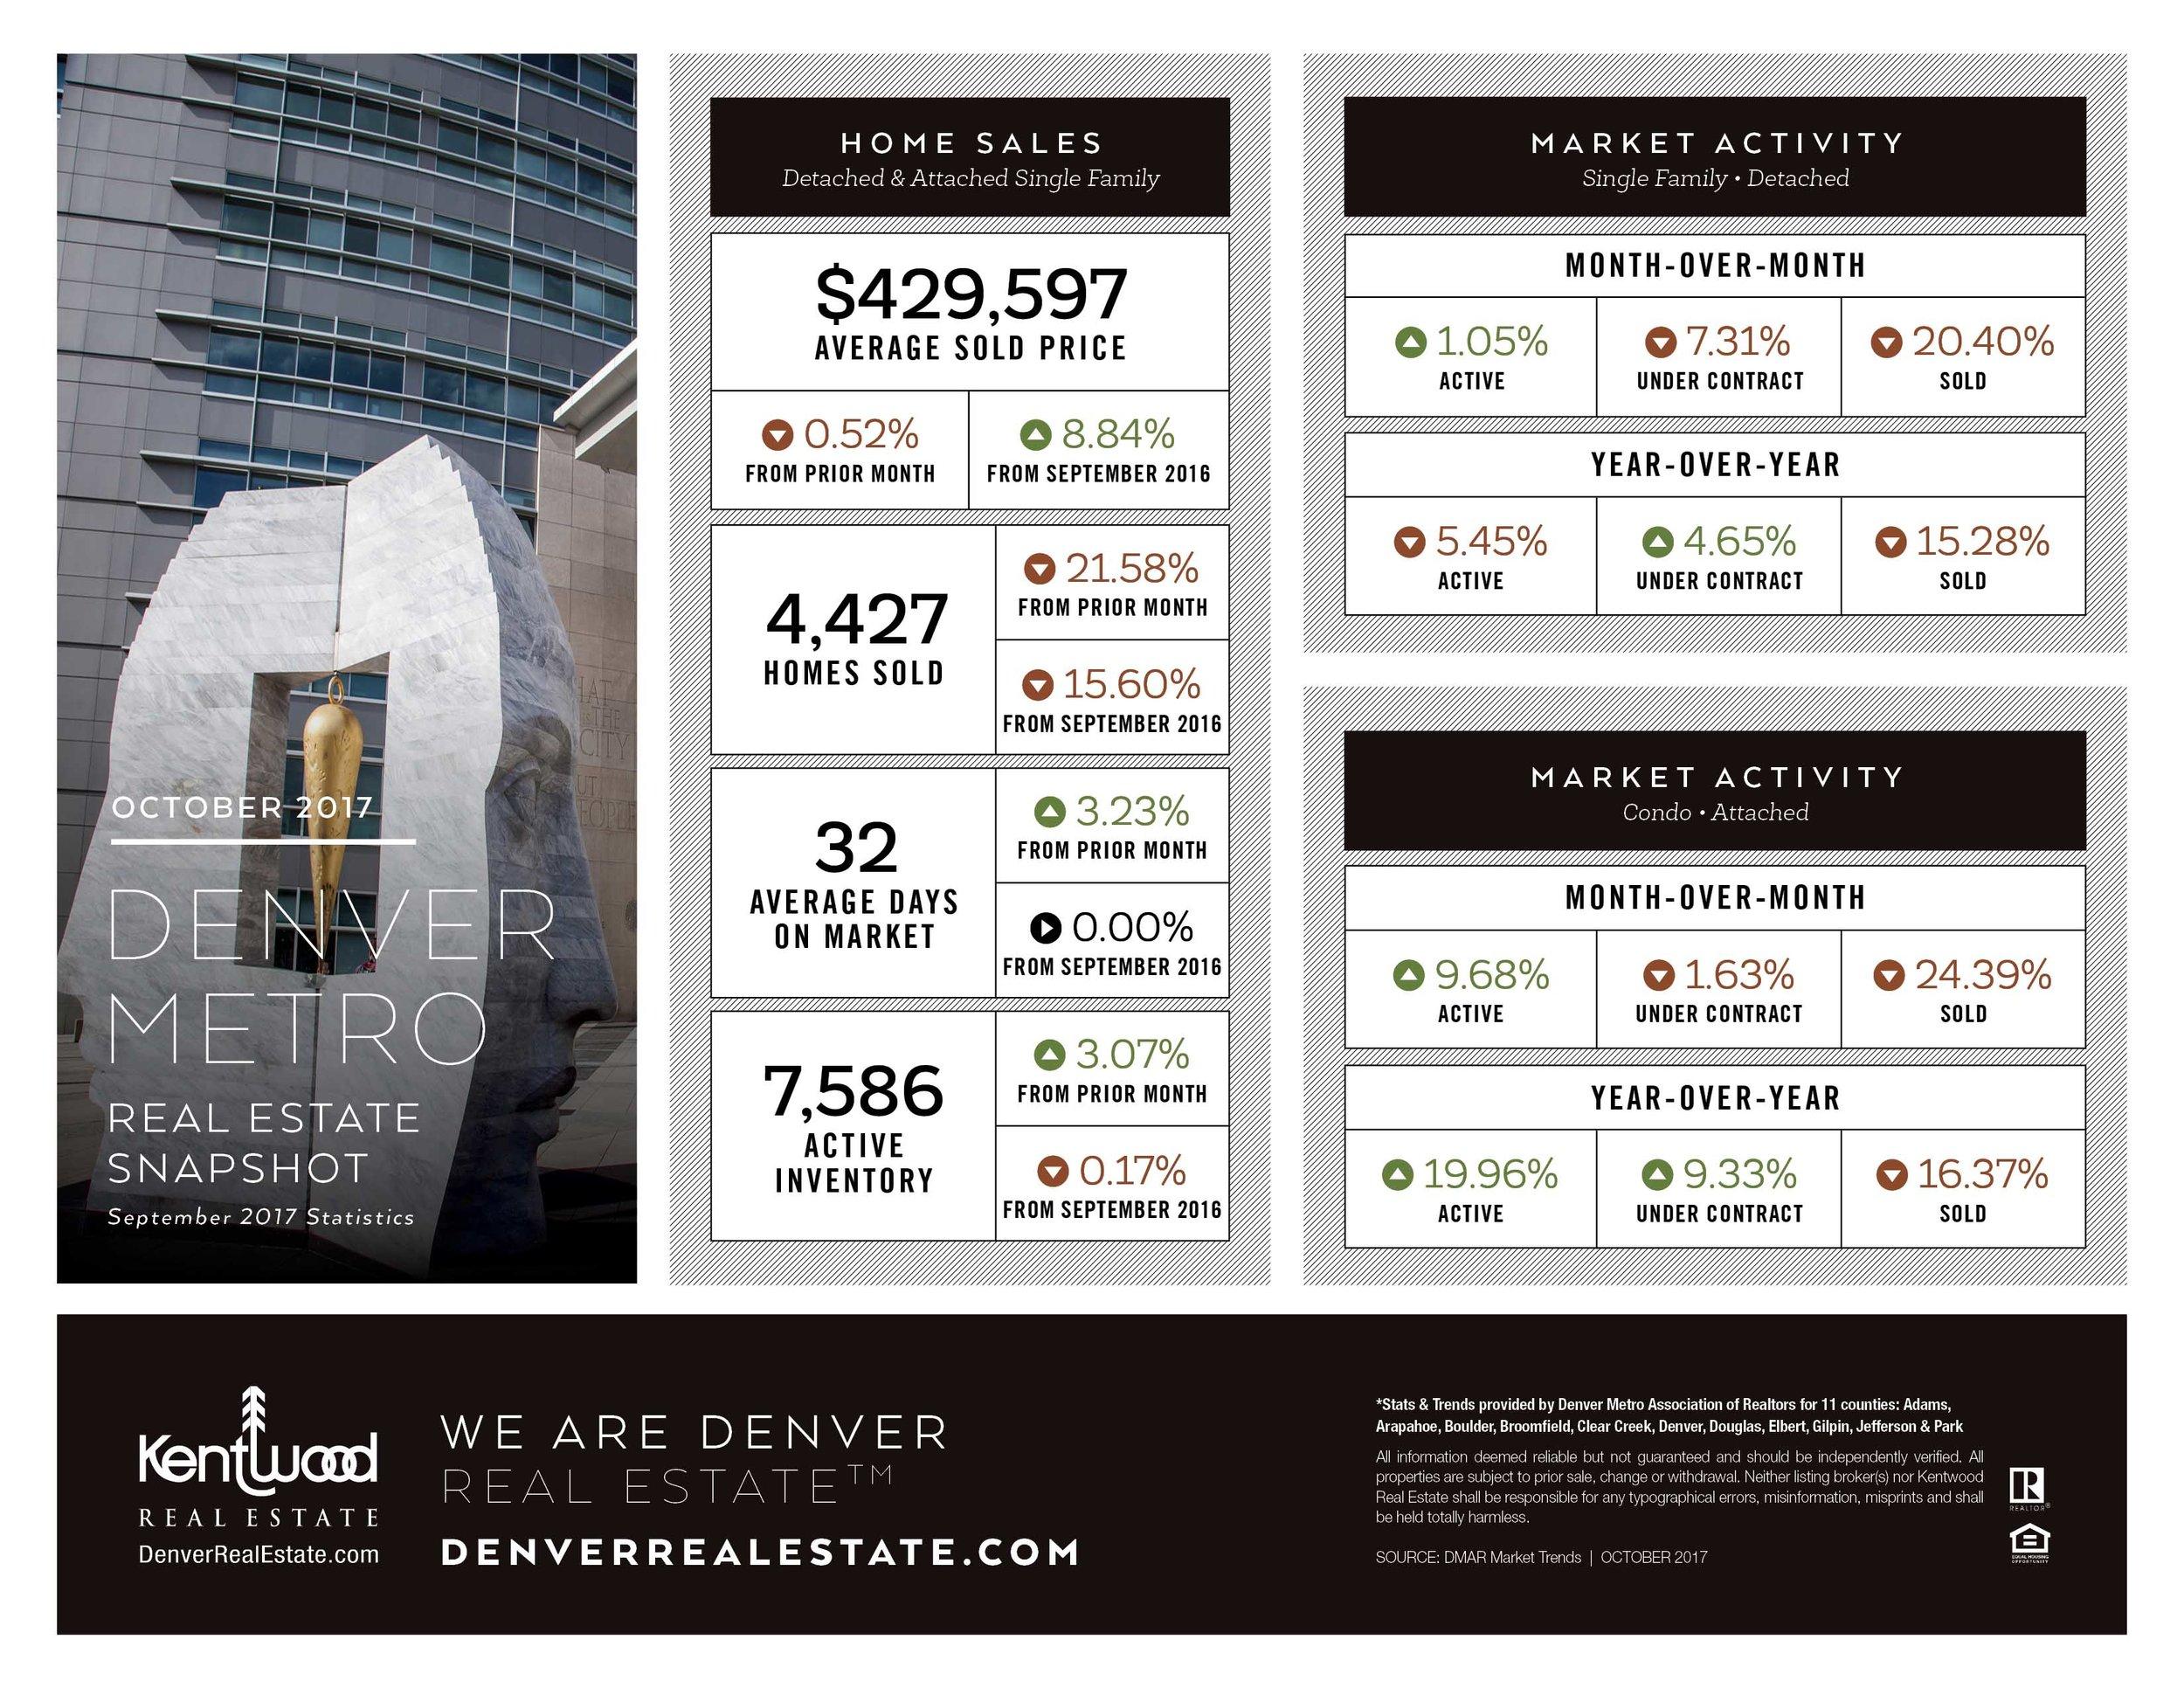 October Denver Metro Stats.jpg